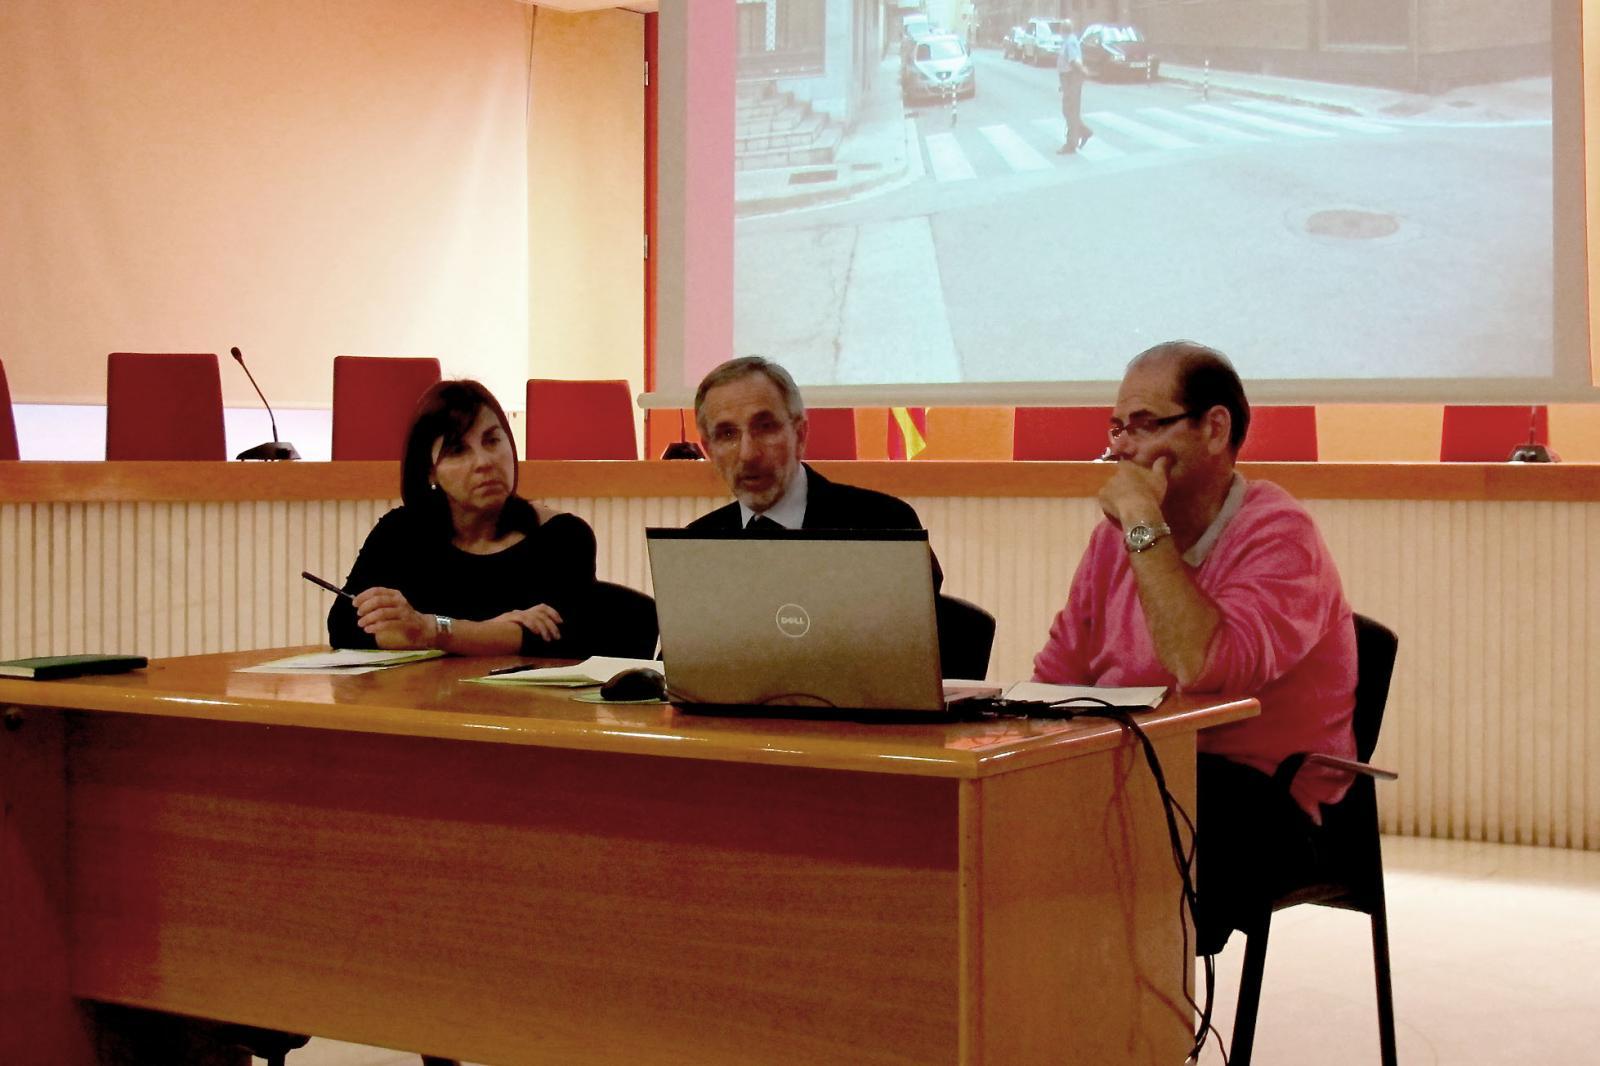 La regidora d'Educació, Pietat Sanjuán, el regidor de Mobilitat, Juan Manuel Segovia i l'alcade, Josep Mayoral, mostrant una de les actuacions que s'han fet per millorar els itineraris escolars.